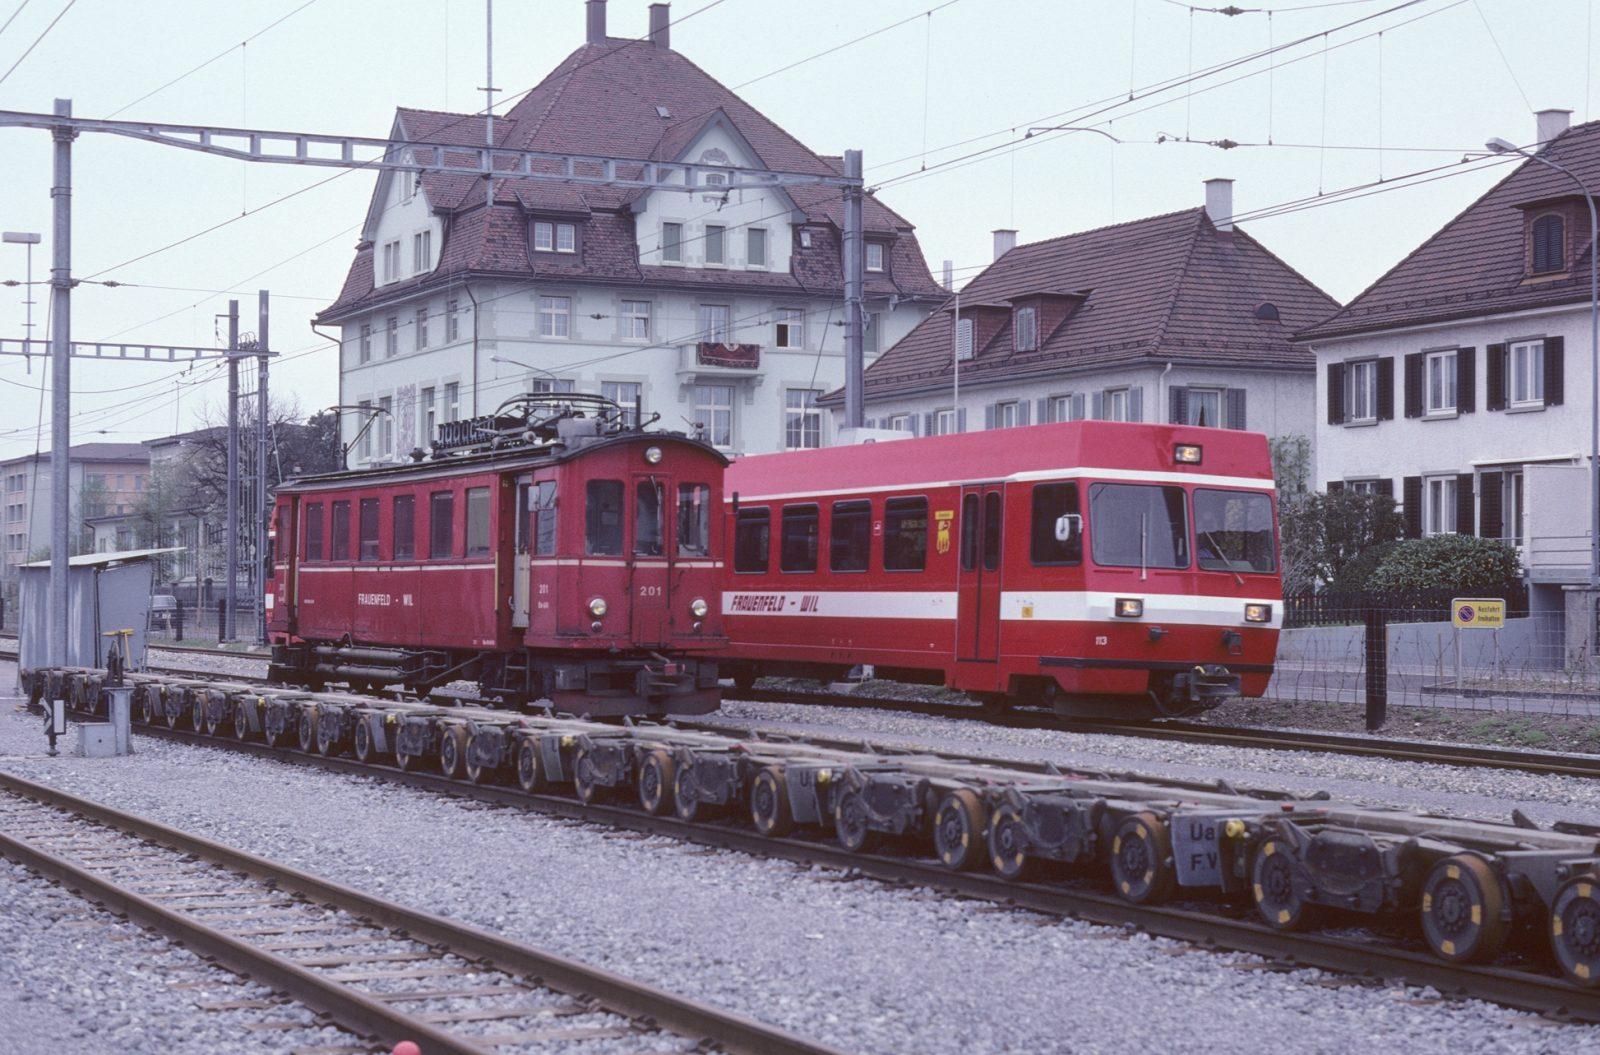 FW Bahn Wil Bahnhof alt und neue Triebwagen